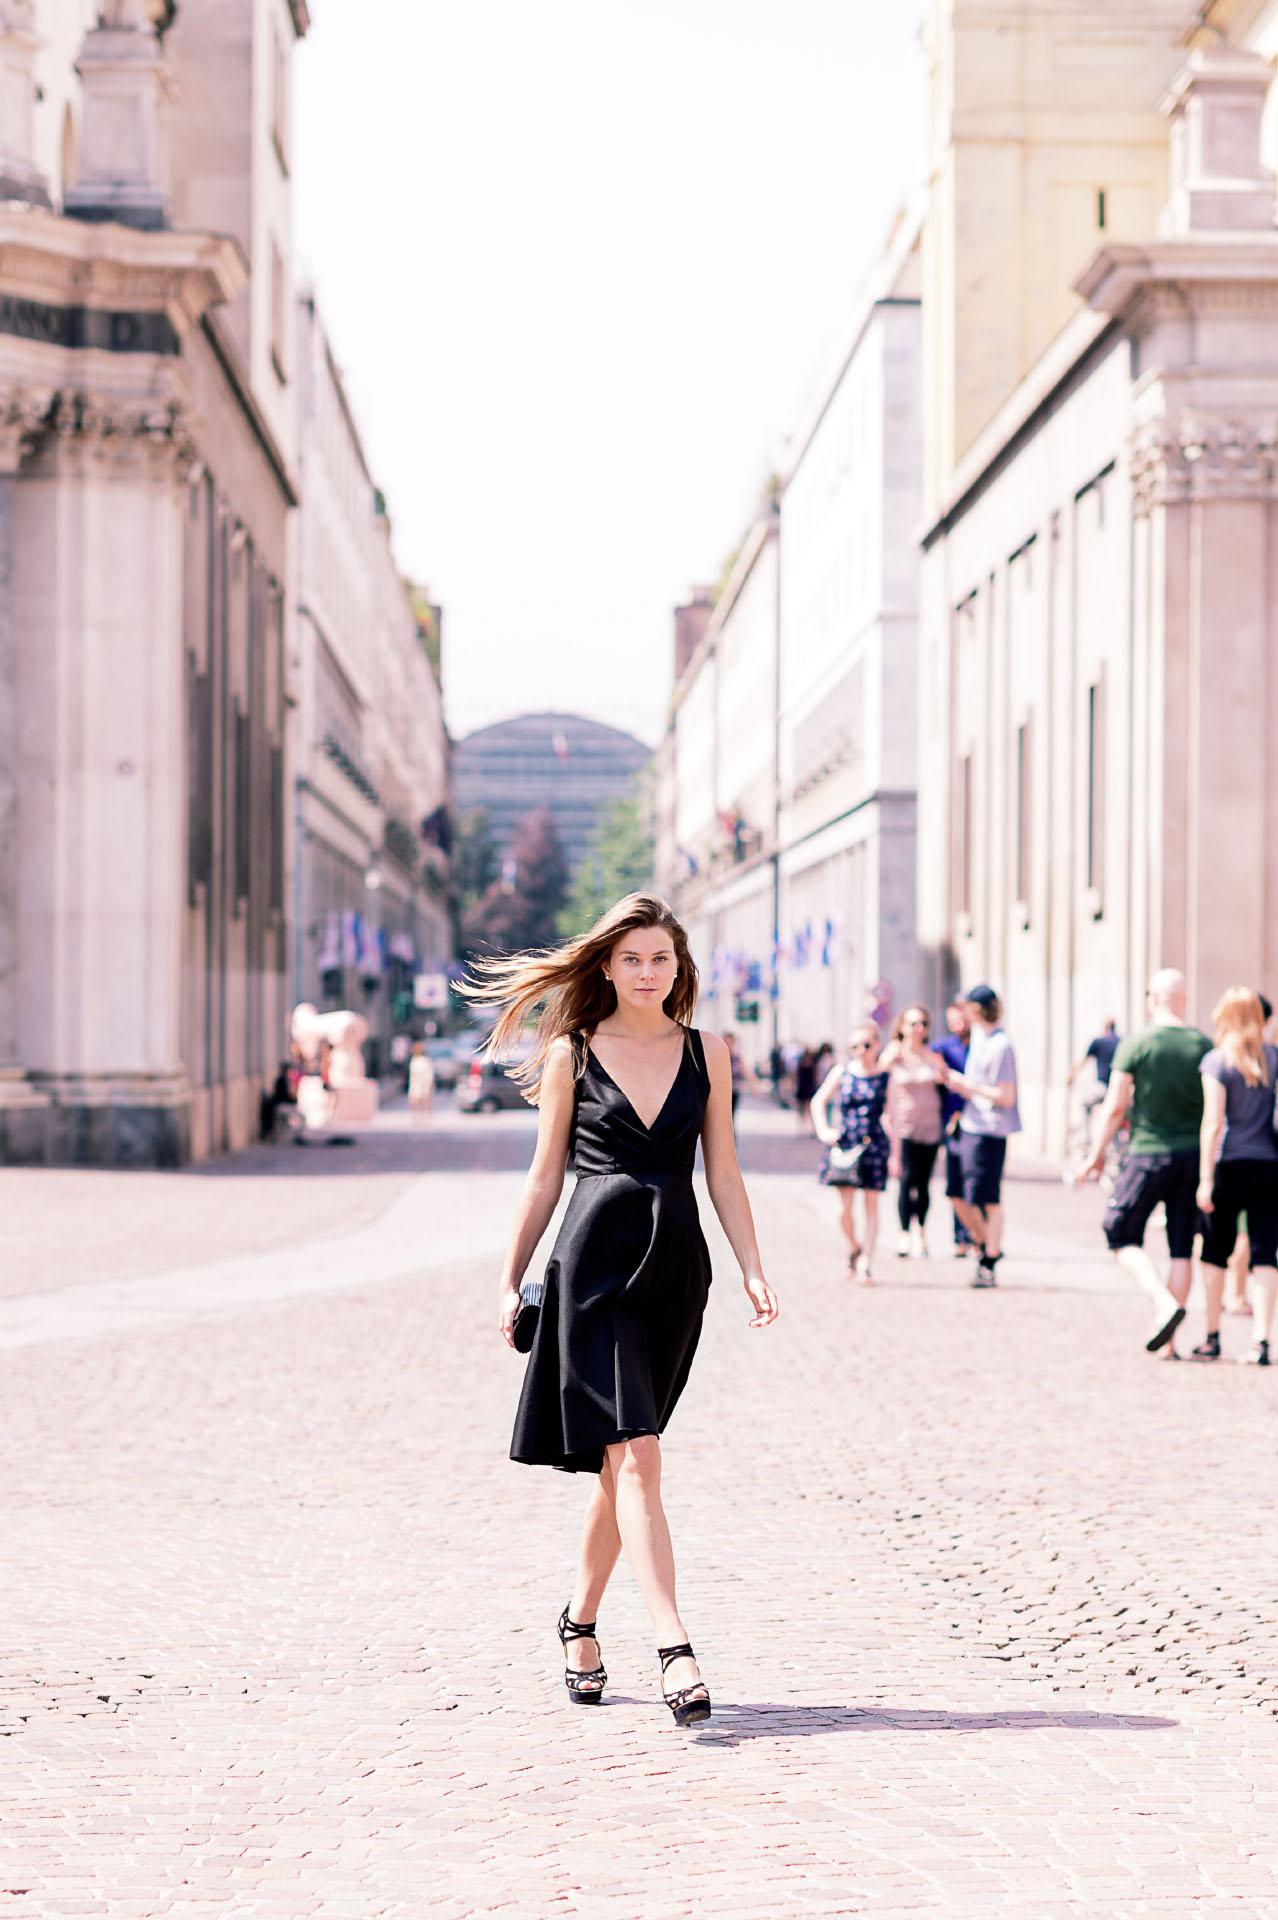 svetlana shashkova walking